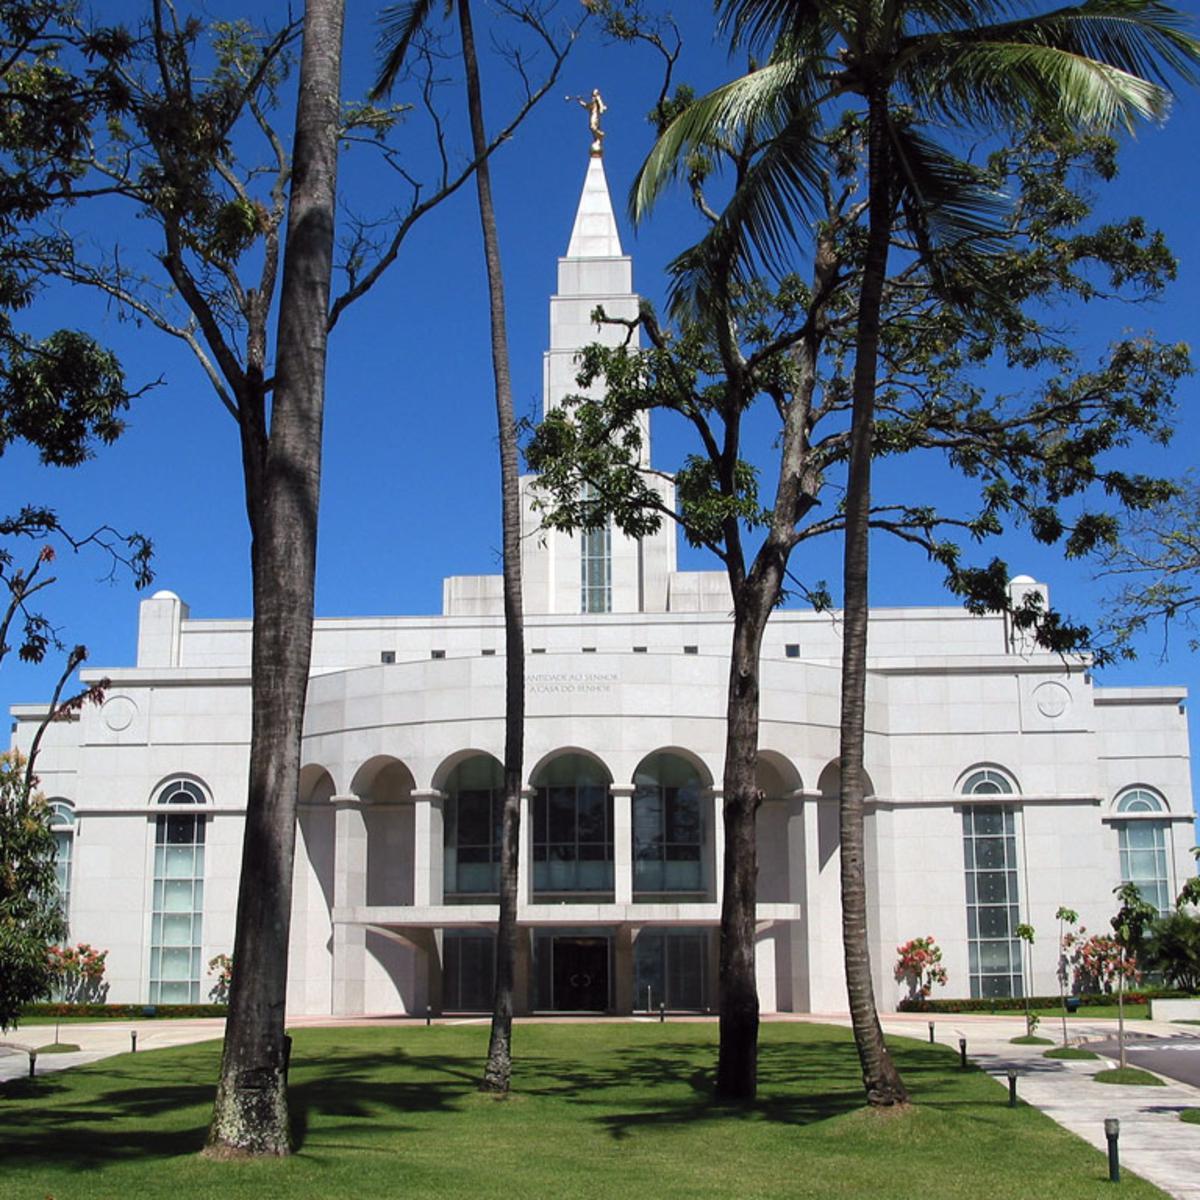 templo mormon na cidade de Recife